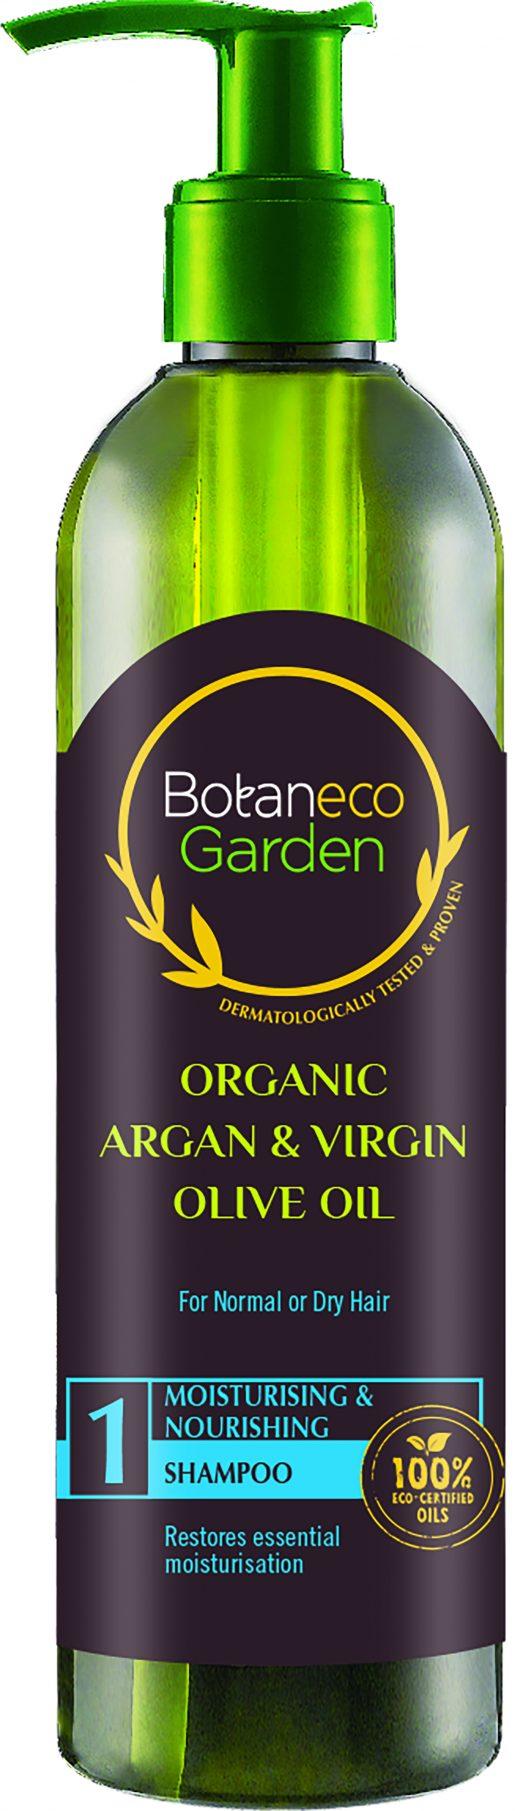 Botaneco Garden Keluarkan Koleksi Penjagaan Rambut & Badan